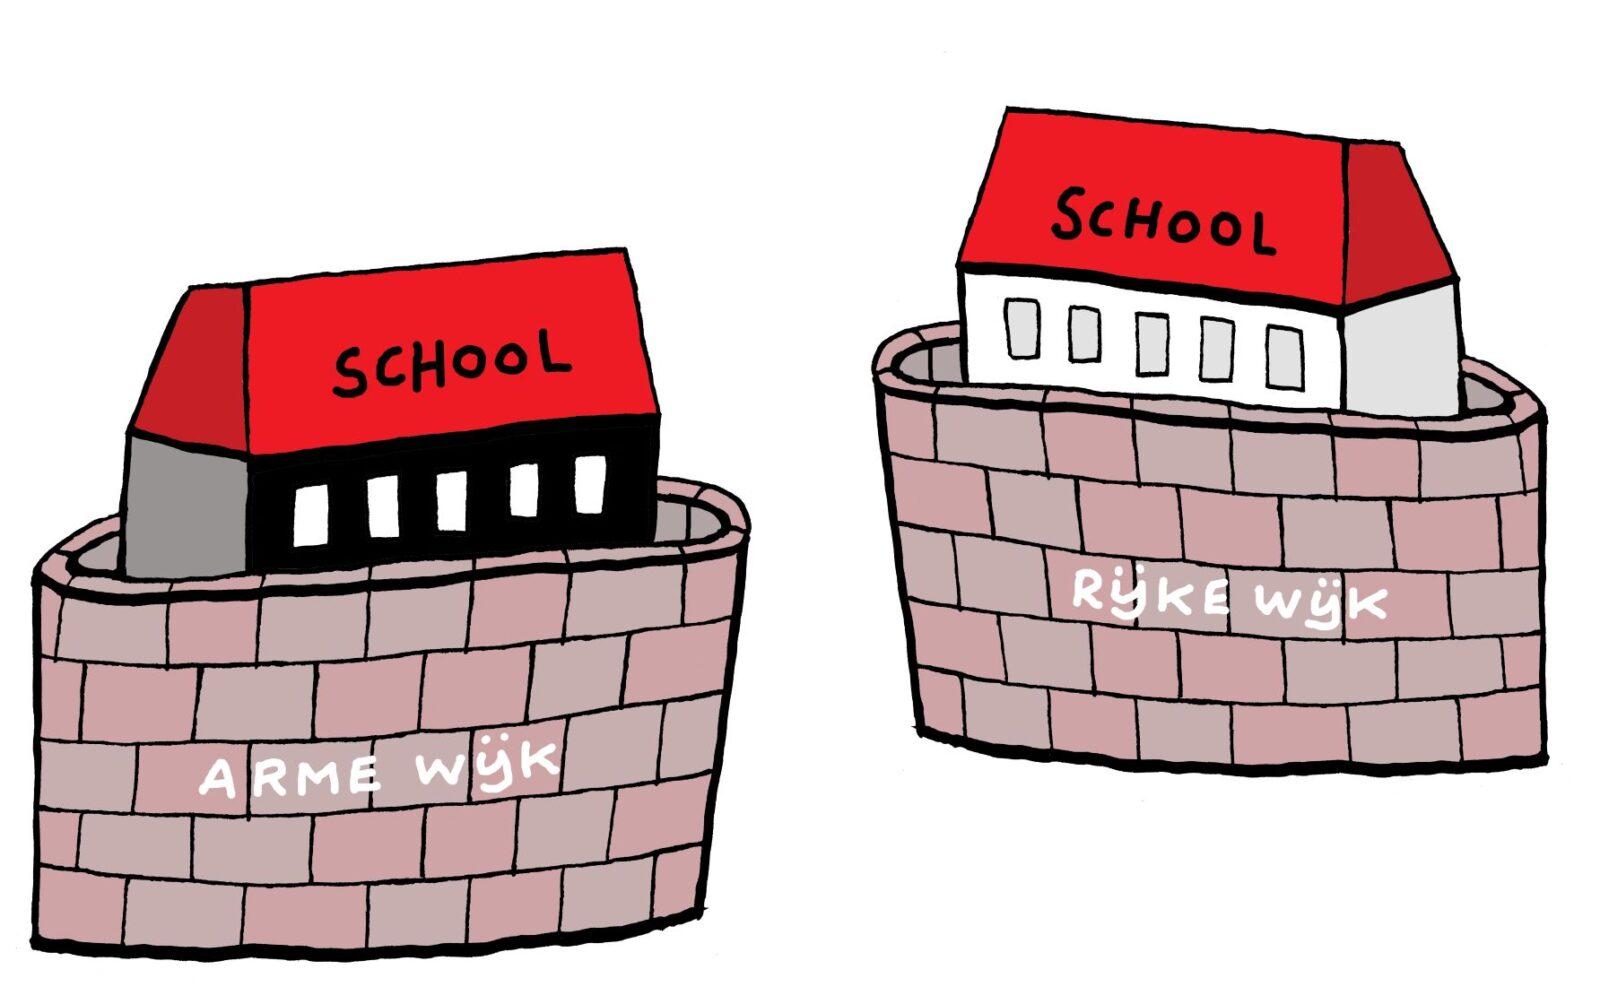 kwestie – onderwijs corona kansenongelijkheid wijk muur – bas van der schot